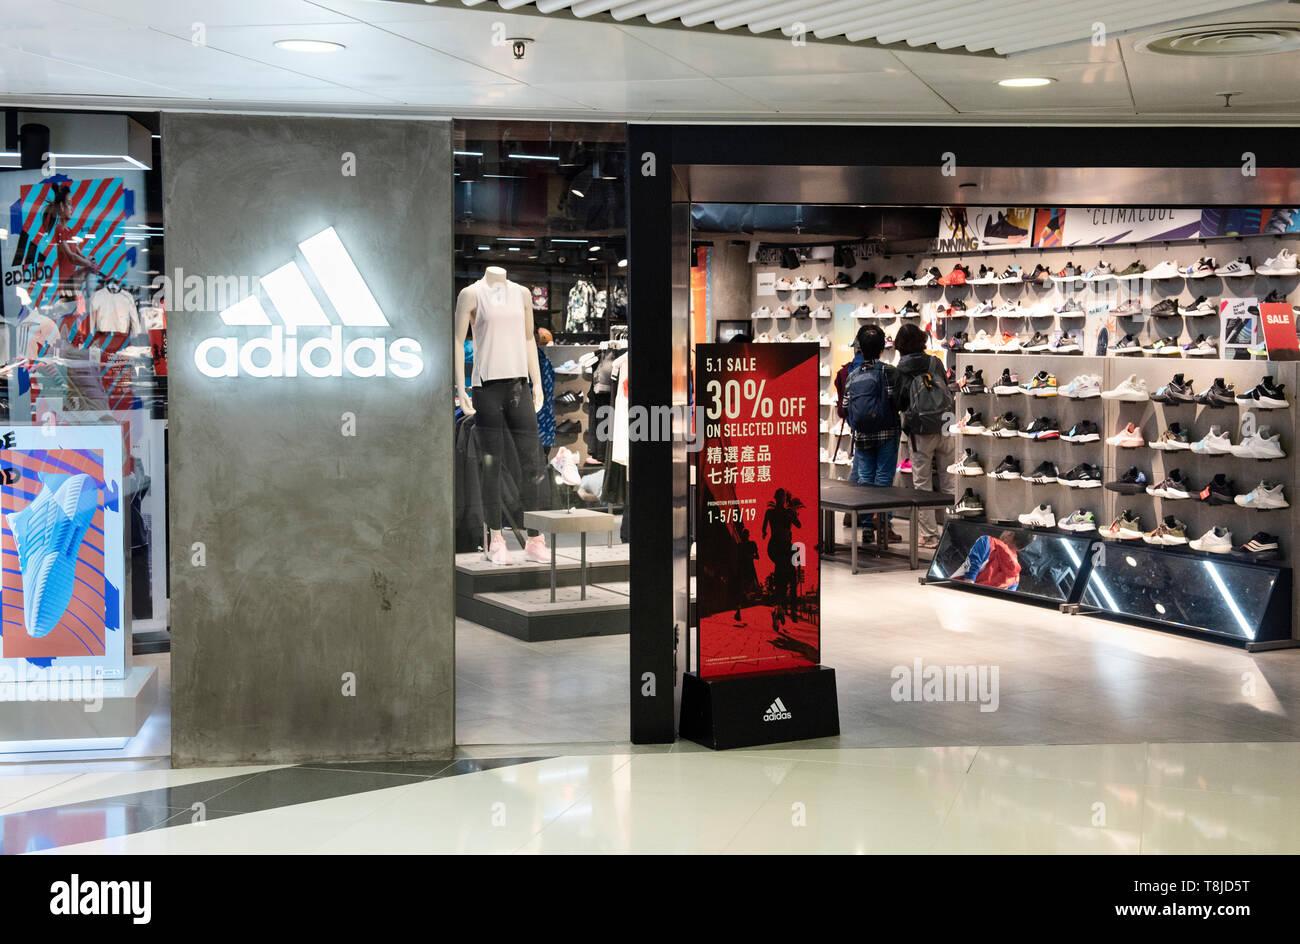 00e89d39 American sport footwear brand Adidas store seen in Hong Kong Stock ...